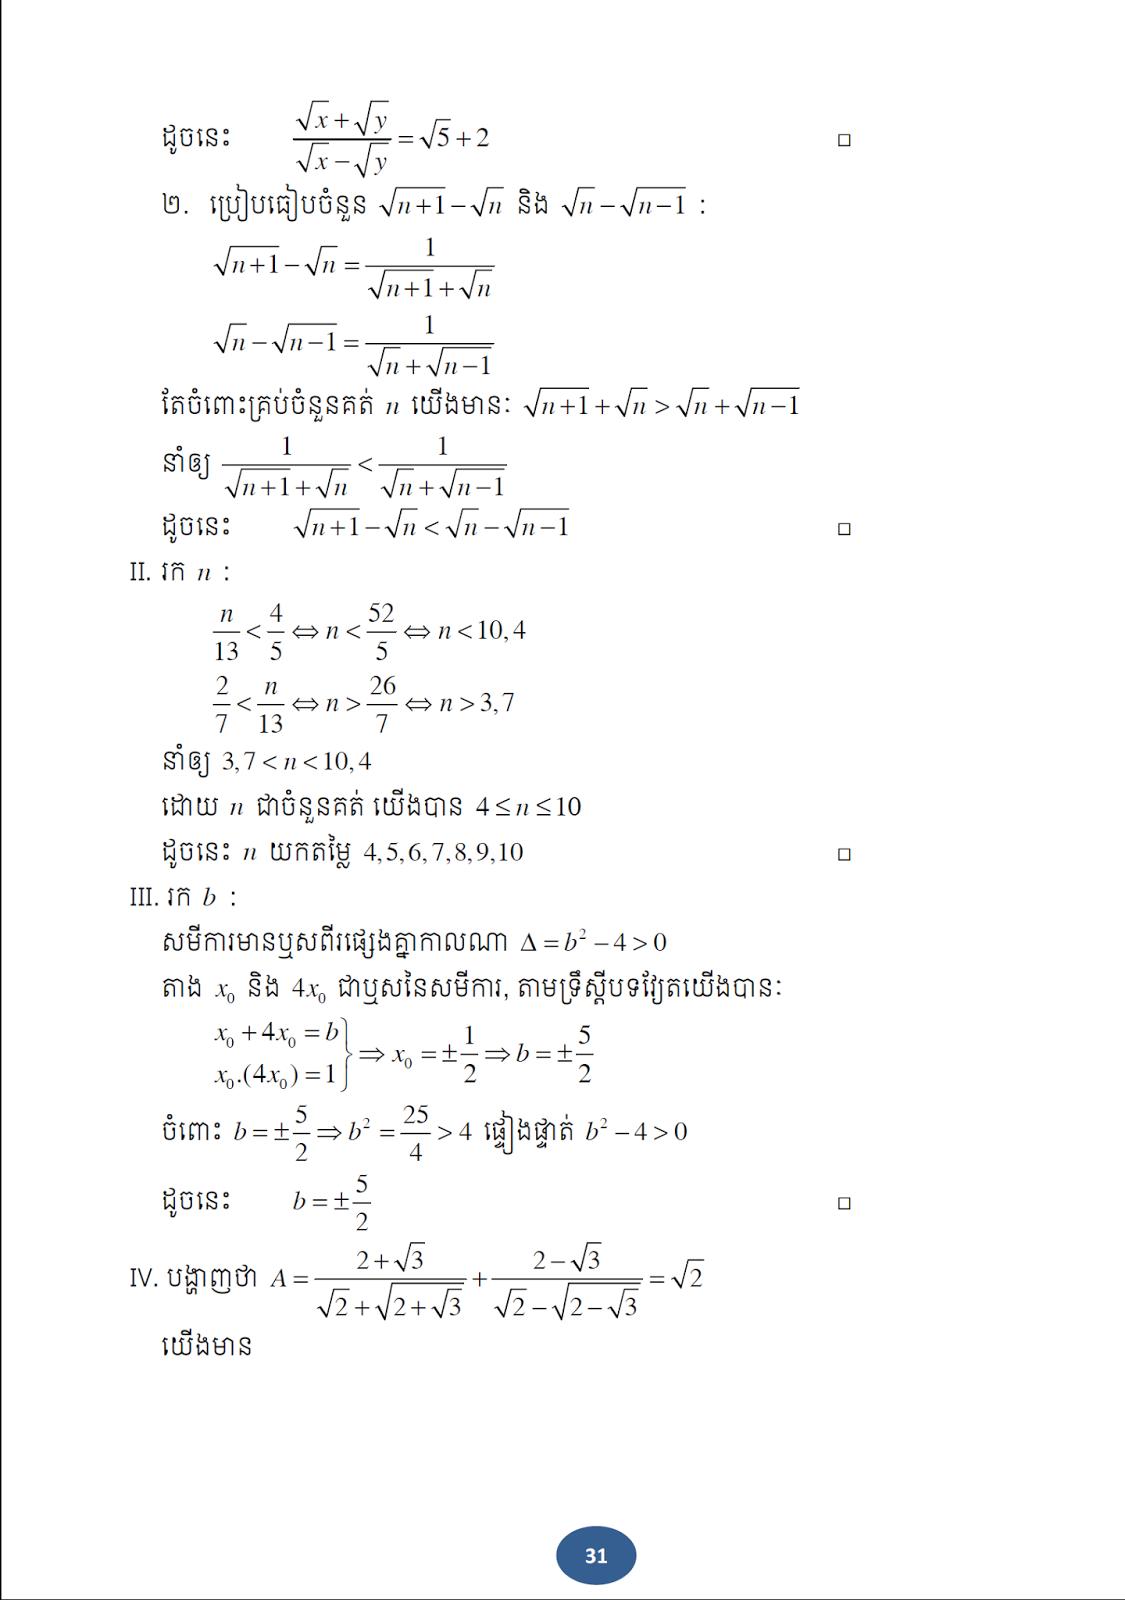 mathematics grade 11 exam papers and memos Karshan's maths-aid grade 11 exams papers & memos grade 10 exams papers grade 11 grade-11_paper_2_nov-2014-mathematics-p2-memo-engen-afrpdf.